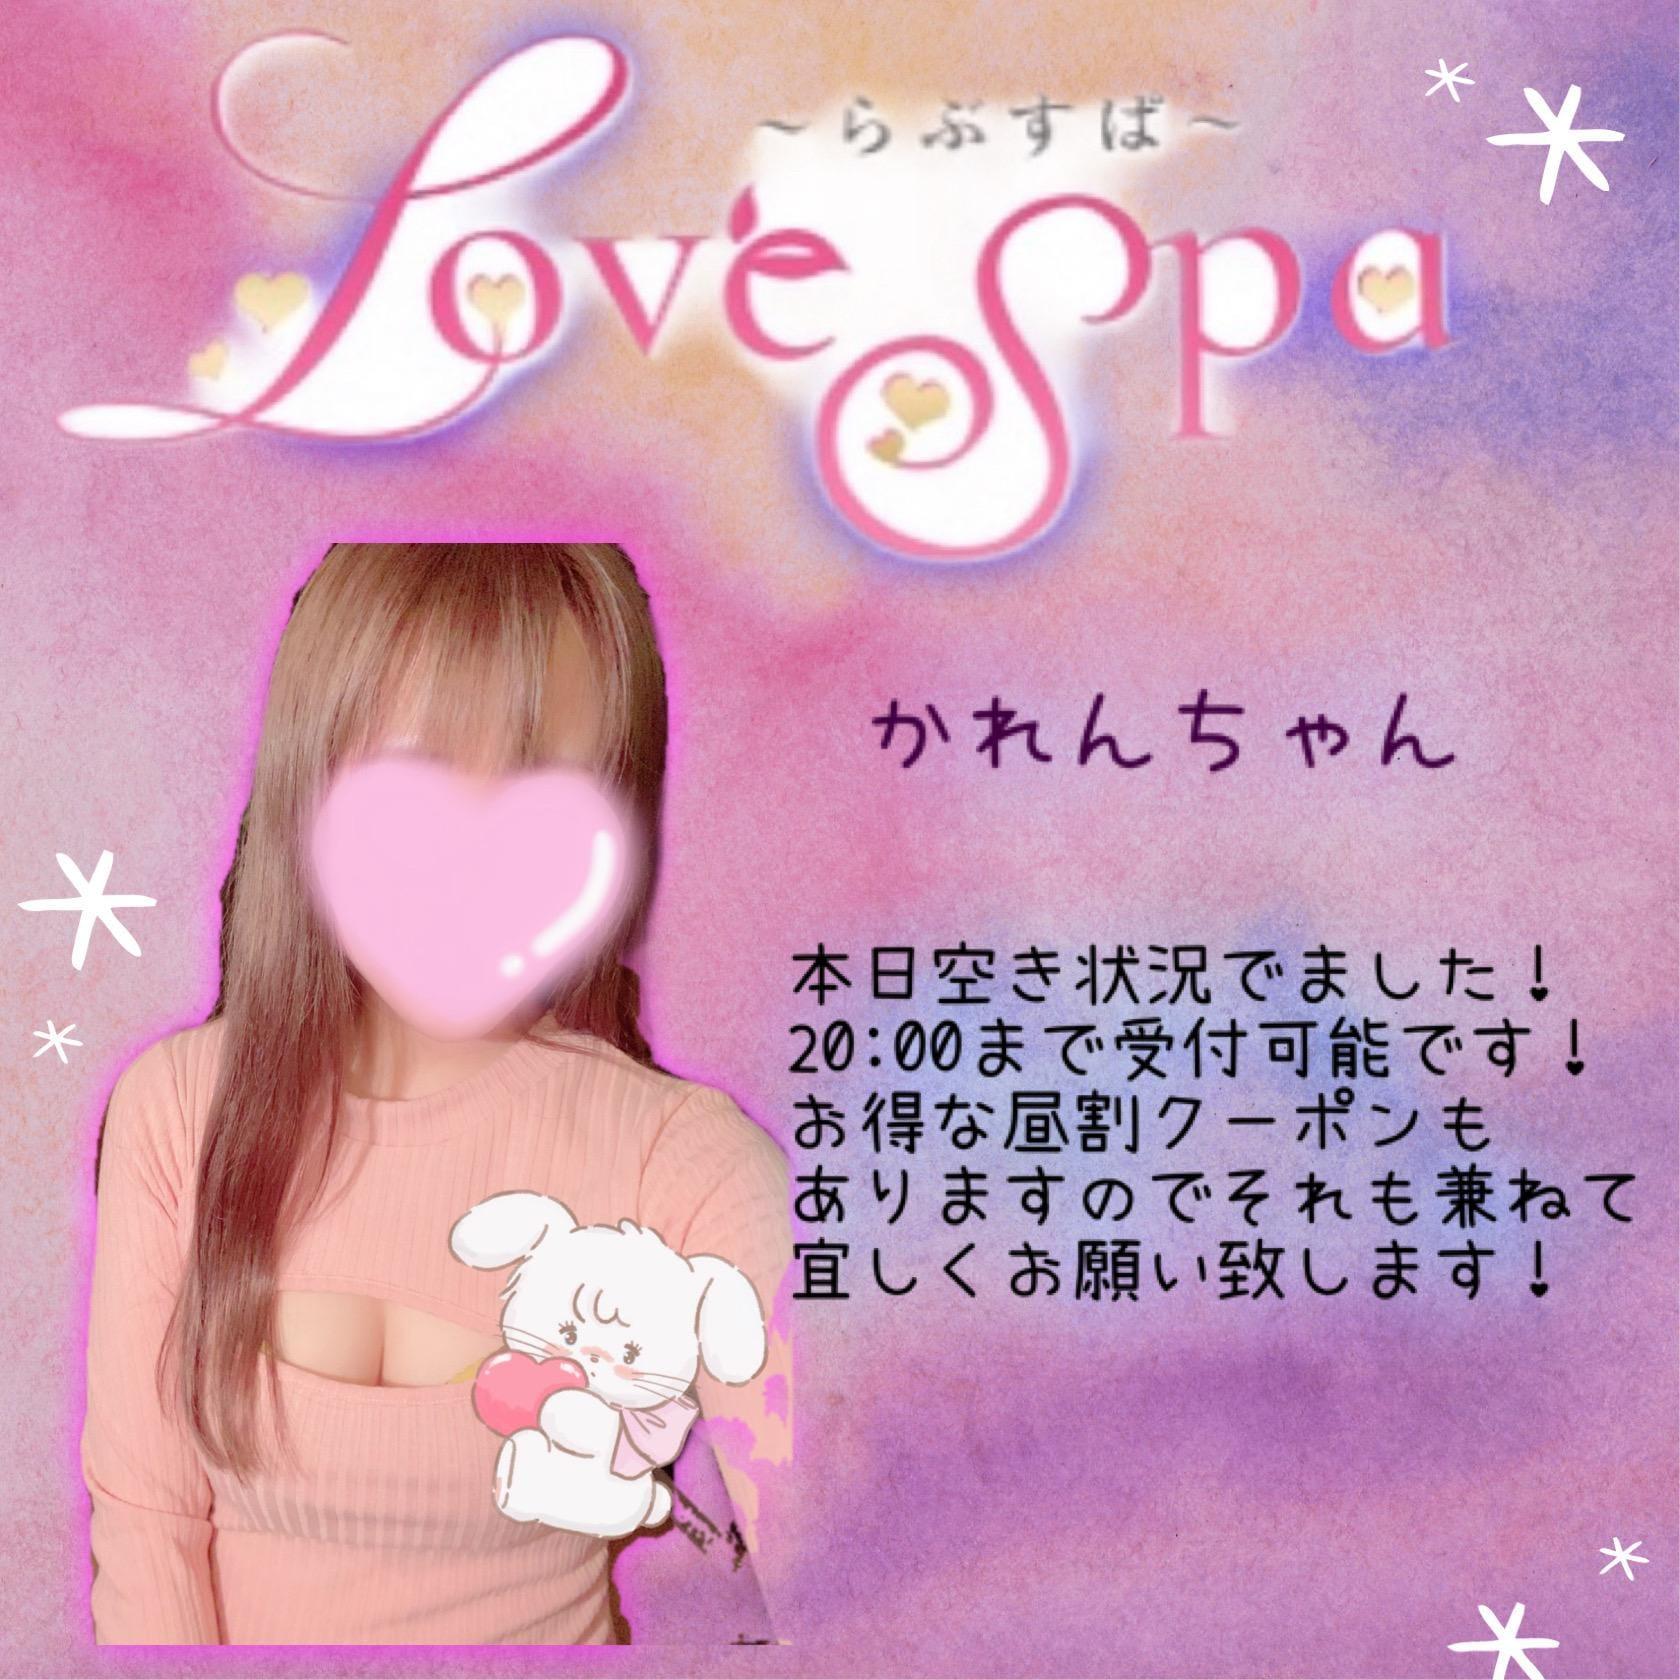 「本日かれんちゃん」09/20(月) 18:55 | LoveSpa ~ラブスパ~の写メ日記